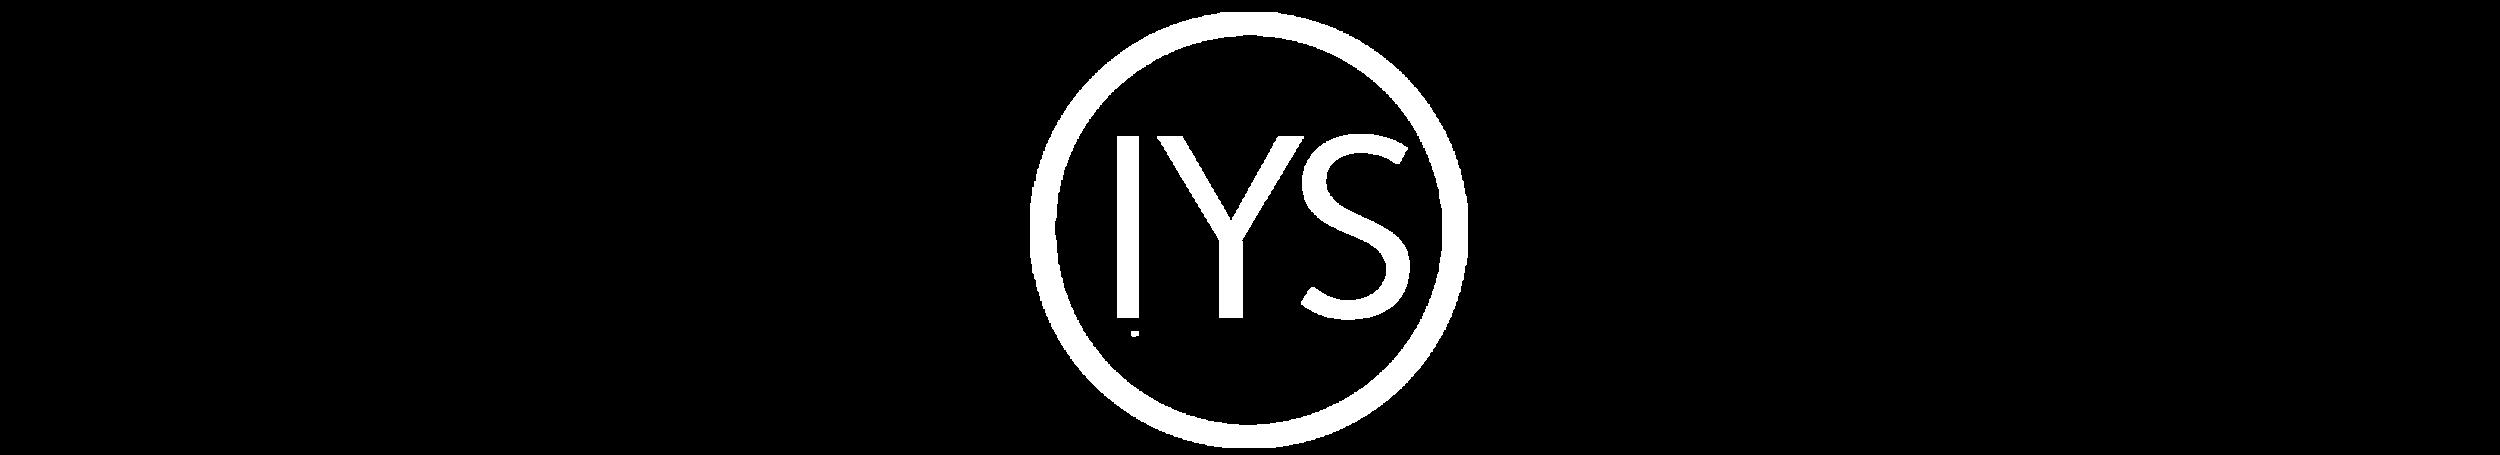 IYS logo Long Whitek.png